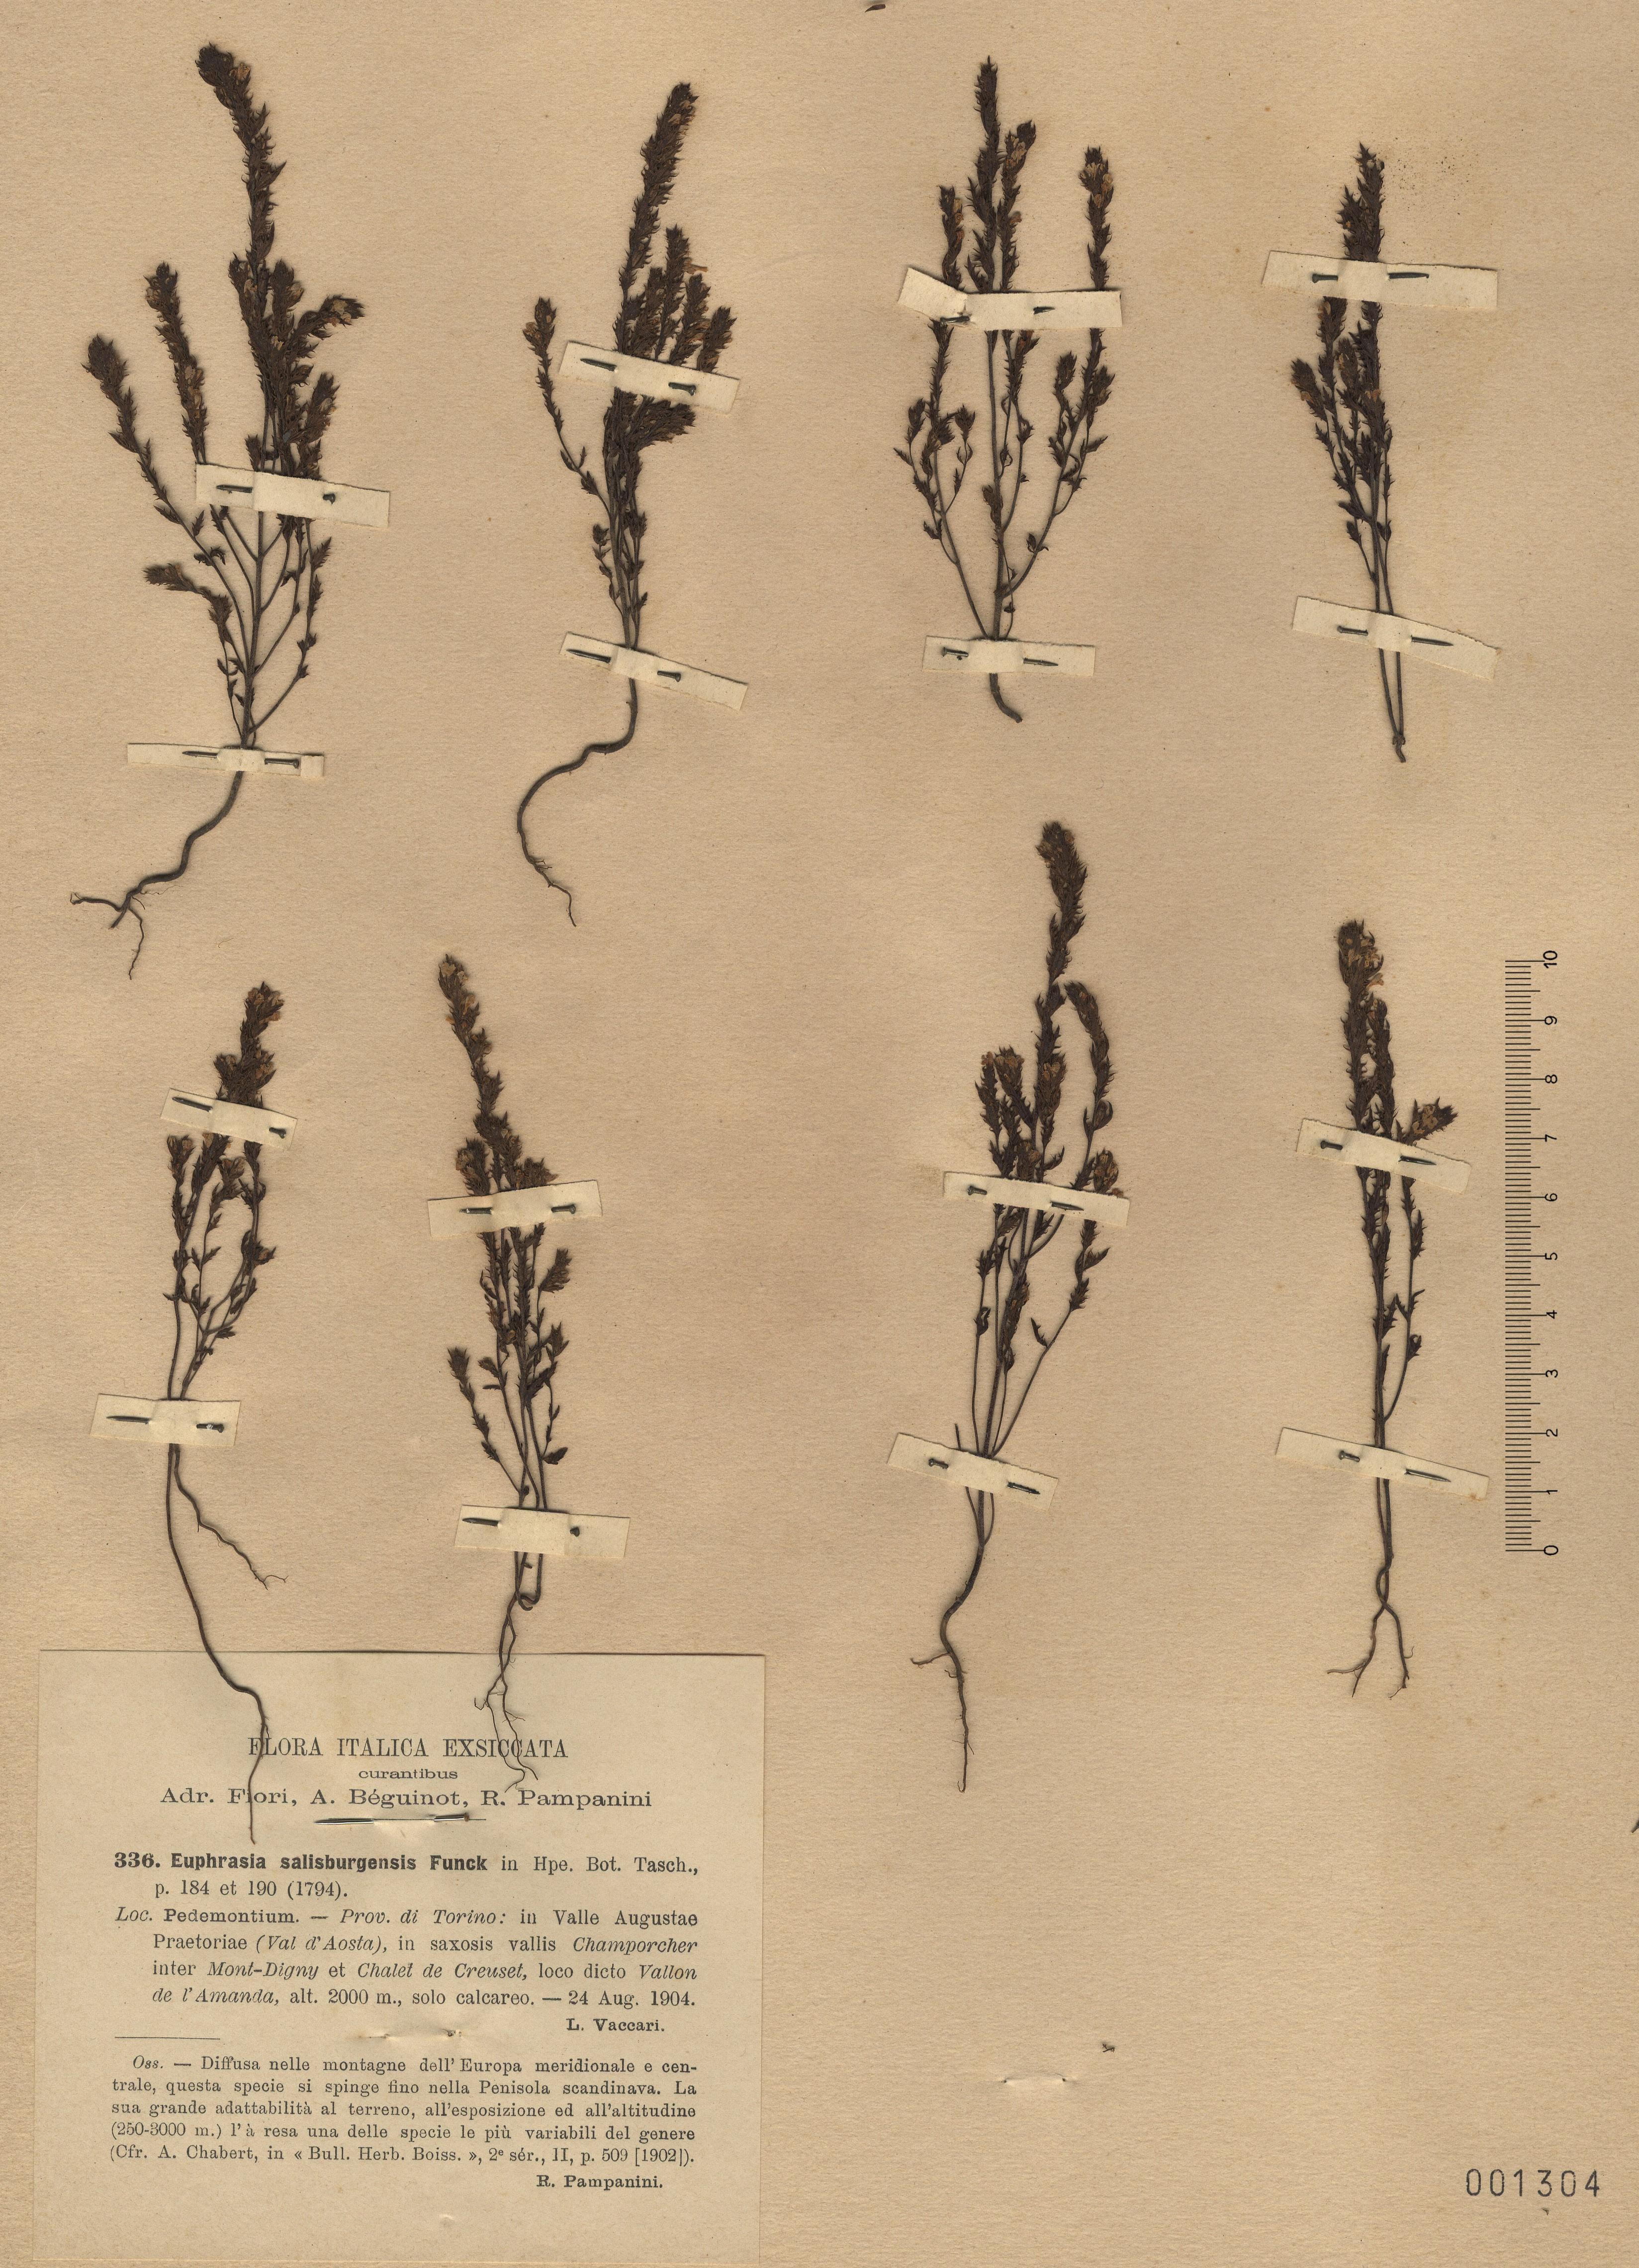 © Hortus Botanicus Catinensis - Herb. sheet 001304<br>